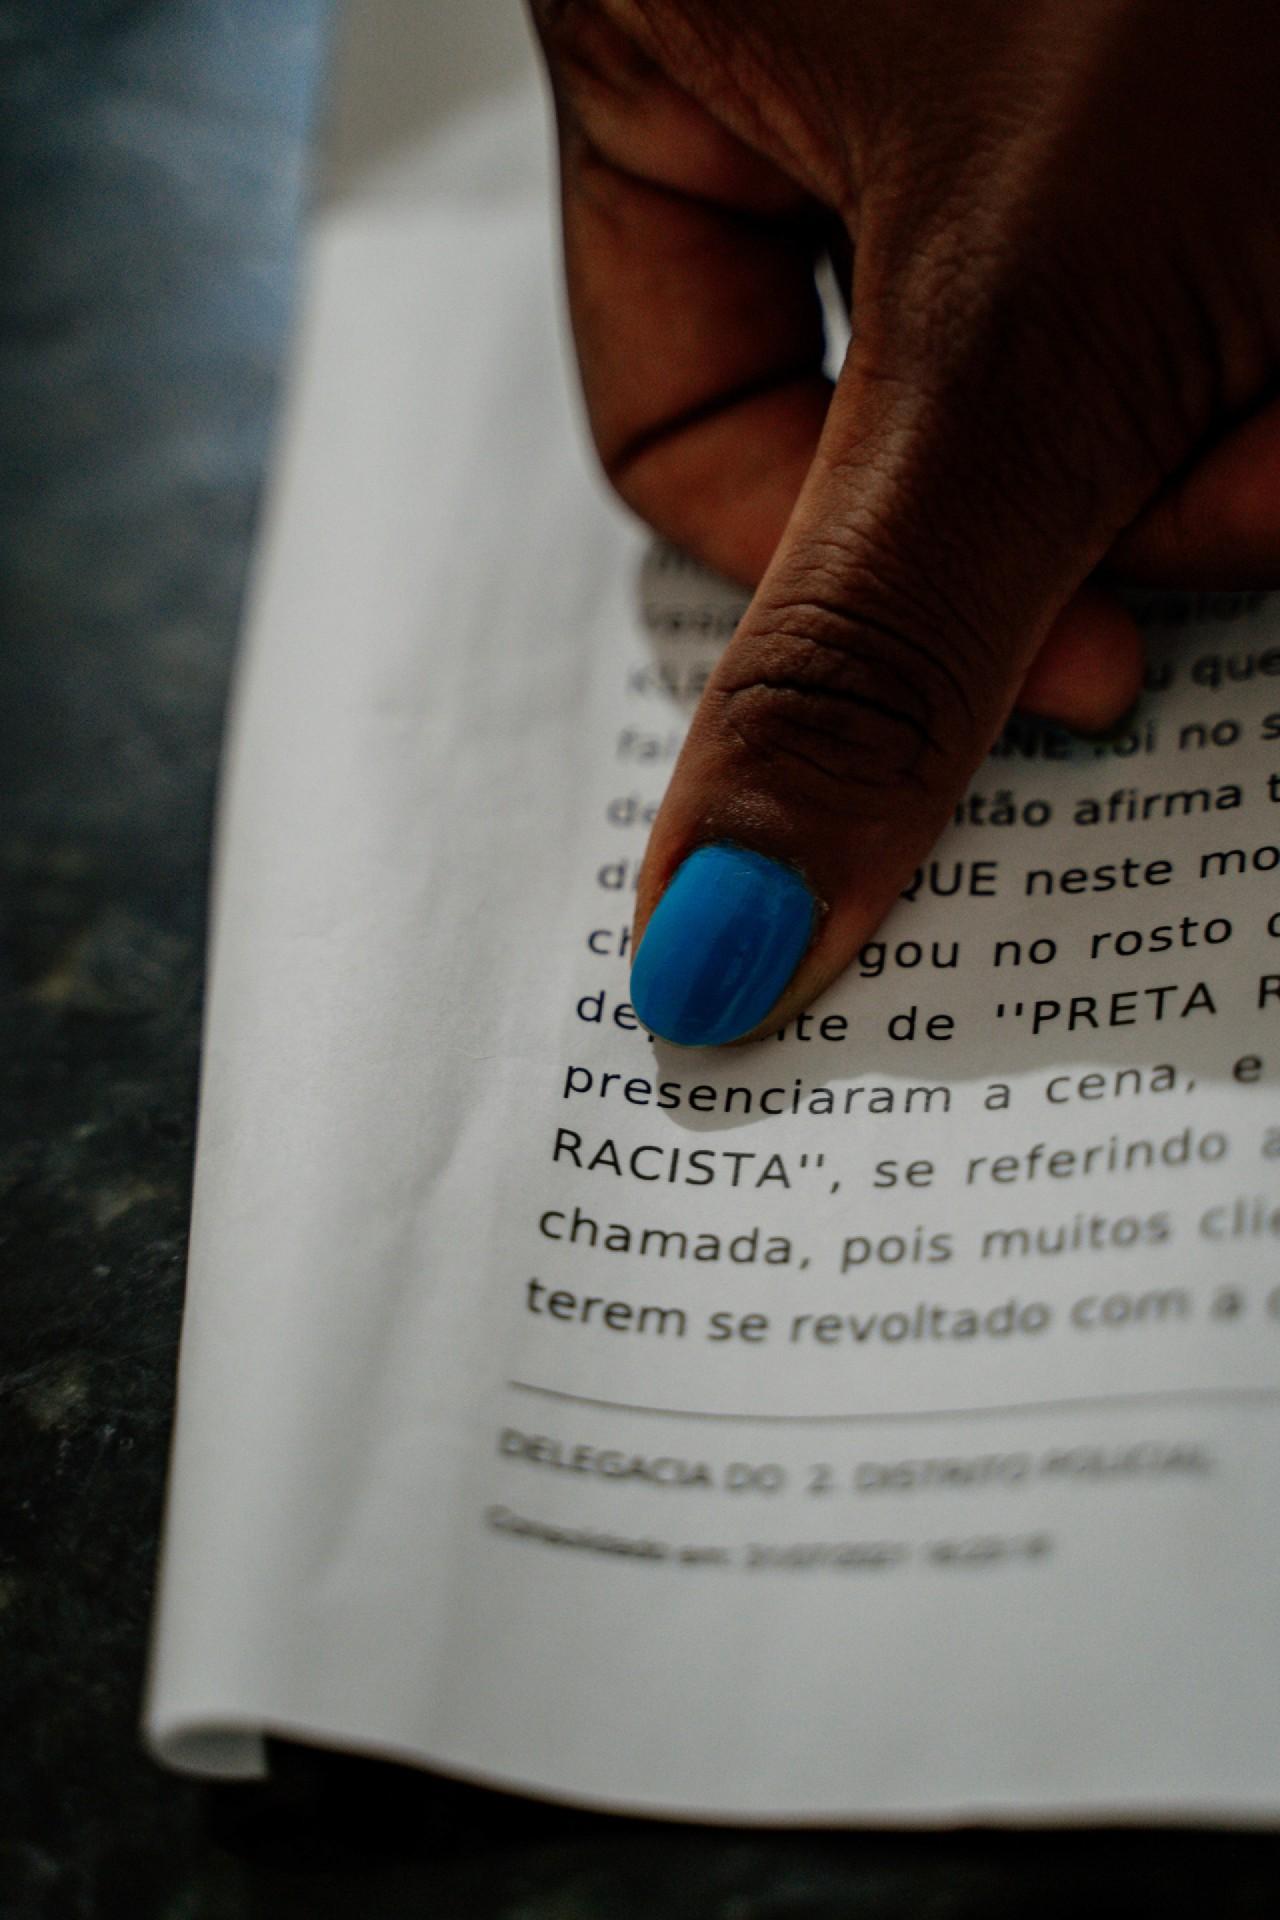 Notificações de casos de racismo têm aumento(Foto: JULIO CAESAR)